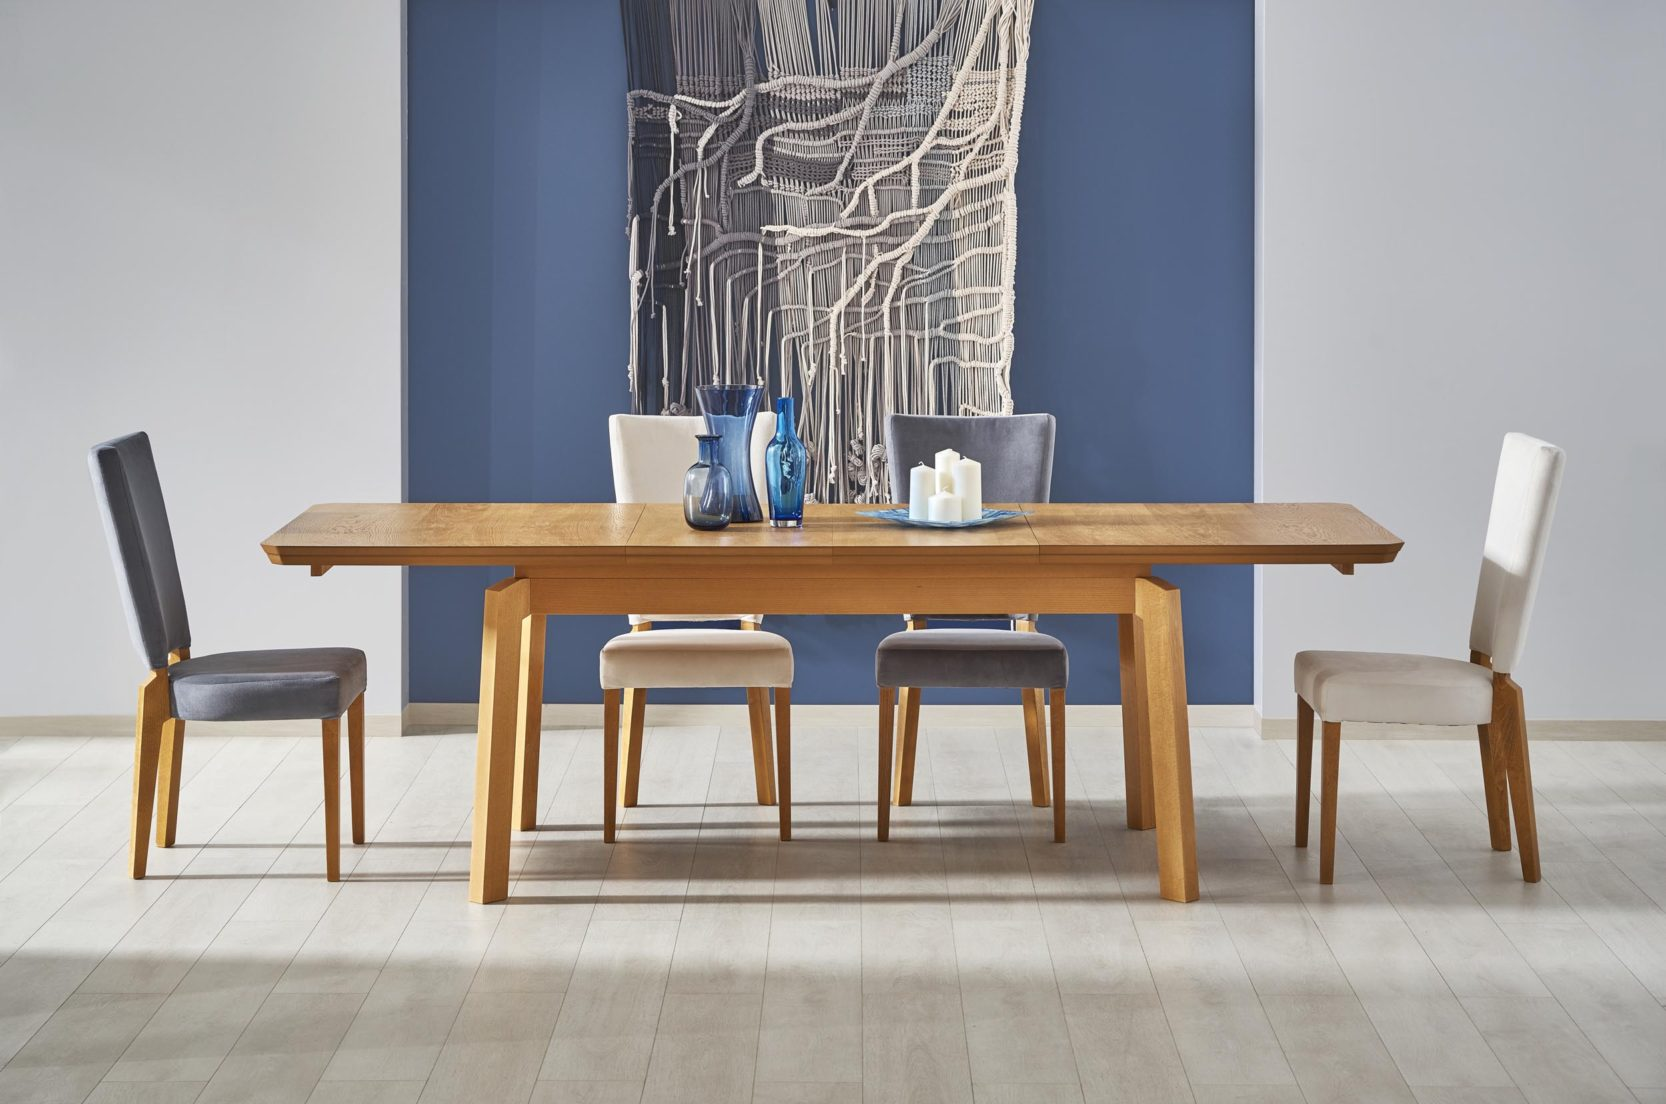 Jedálenský stôl Rois (pre 6 až 8 osôb)